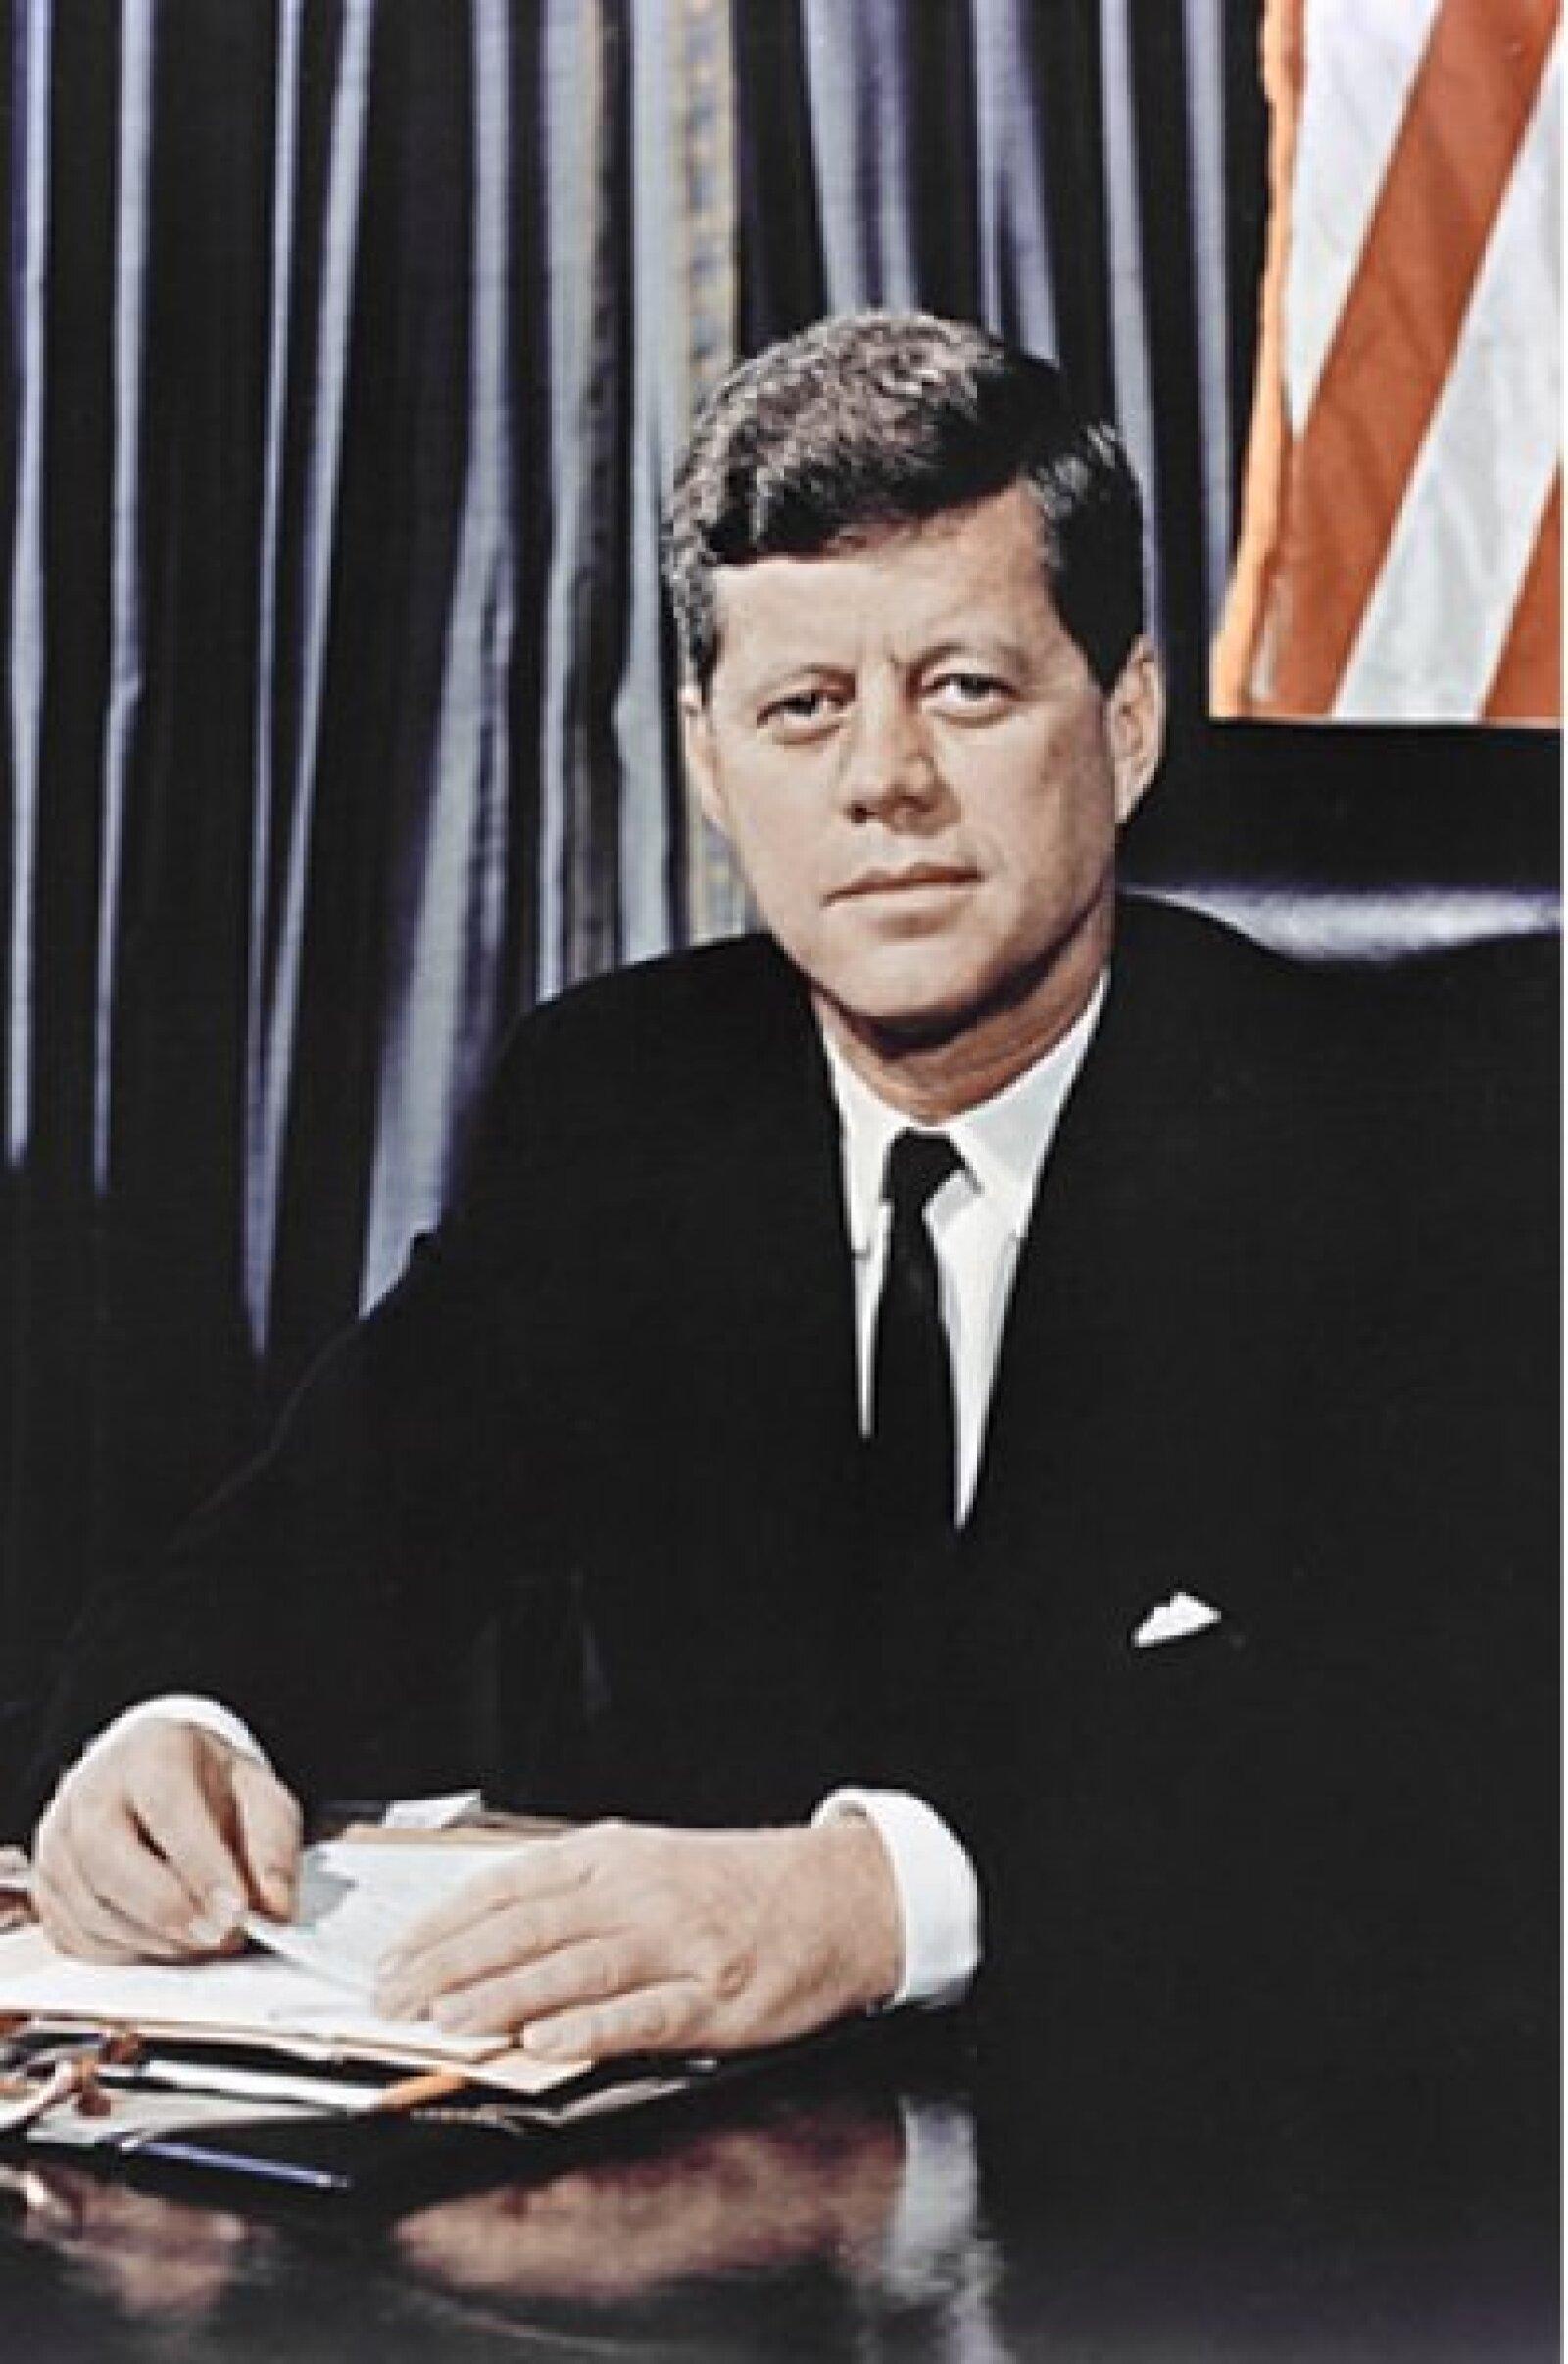 El 22 de noviembre de 1963, John F. Kennedy fue asesinado mientras circulaba en el coche presidencial en la Plaza Dealey en Dallas, Texas.